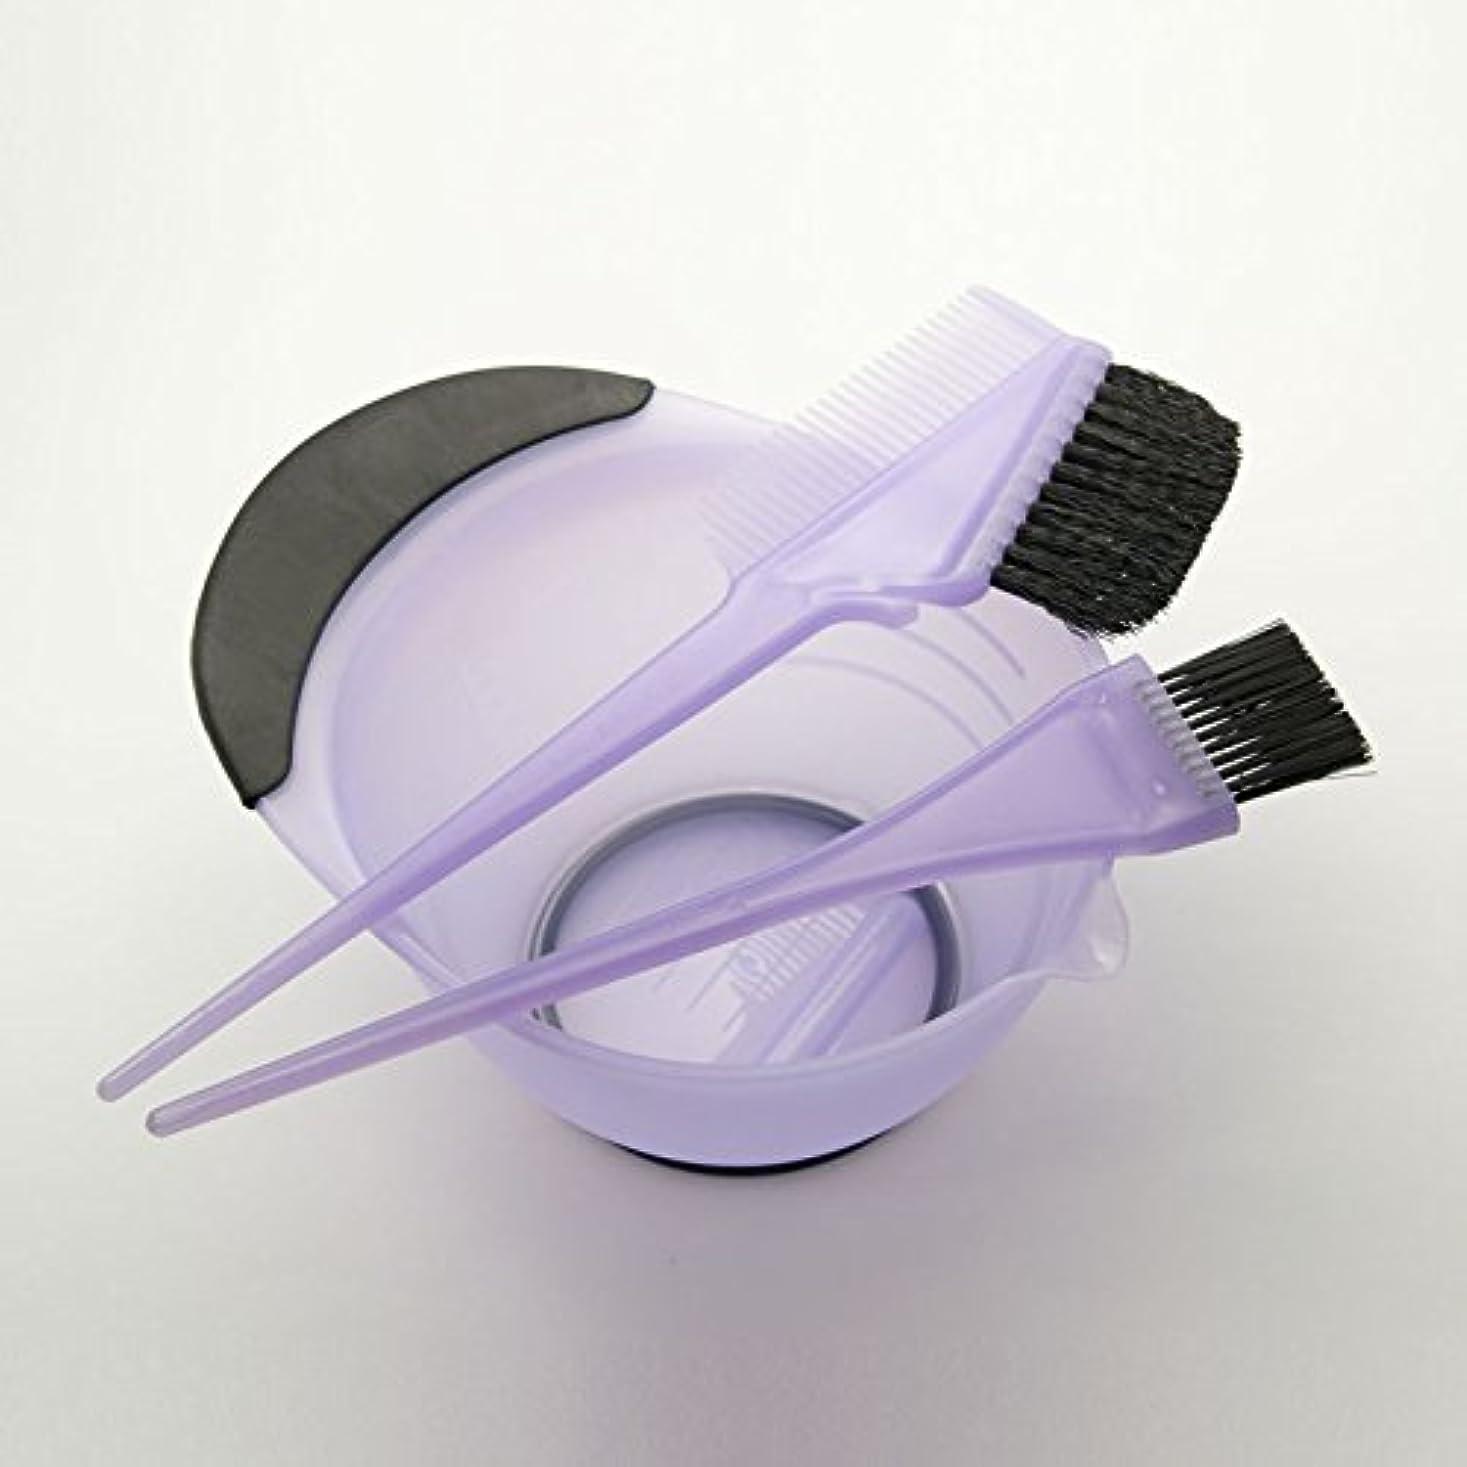 沿って仮説野心DEEDS E-0003 プロ用 ヘアカラーセット ラベンダー ヘアカラー カップ ブラシ セット